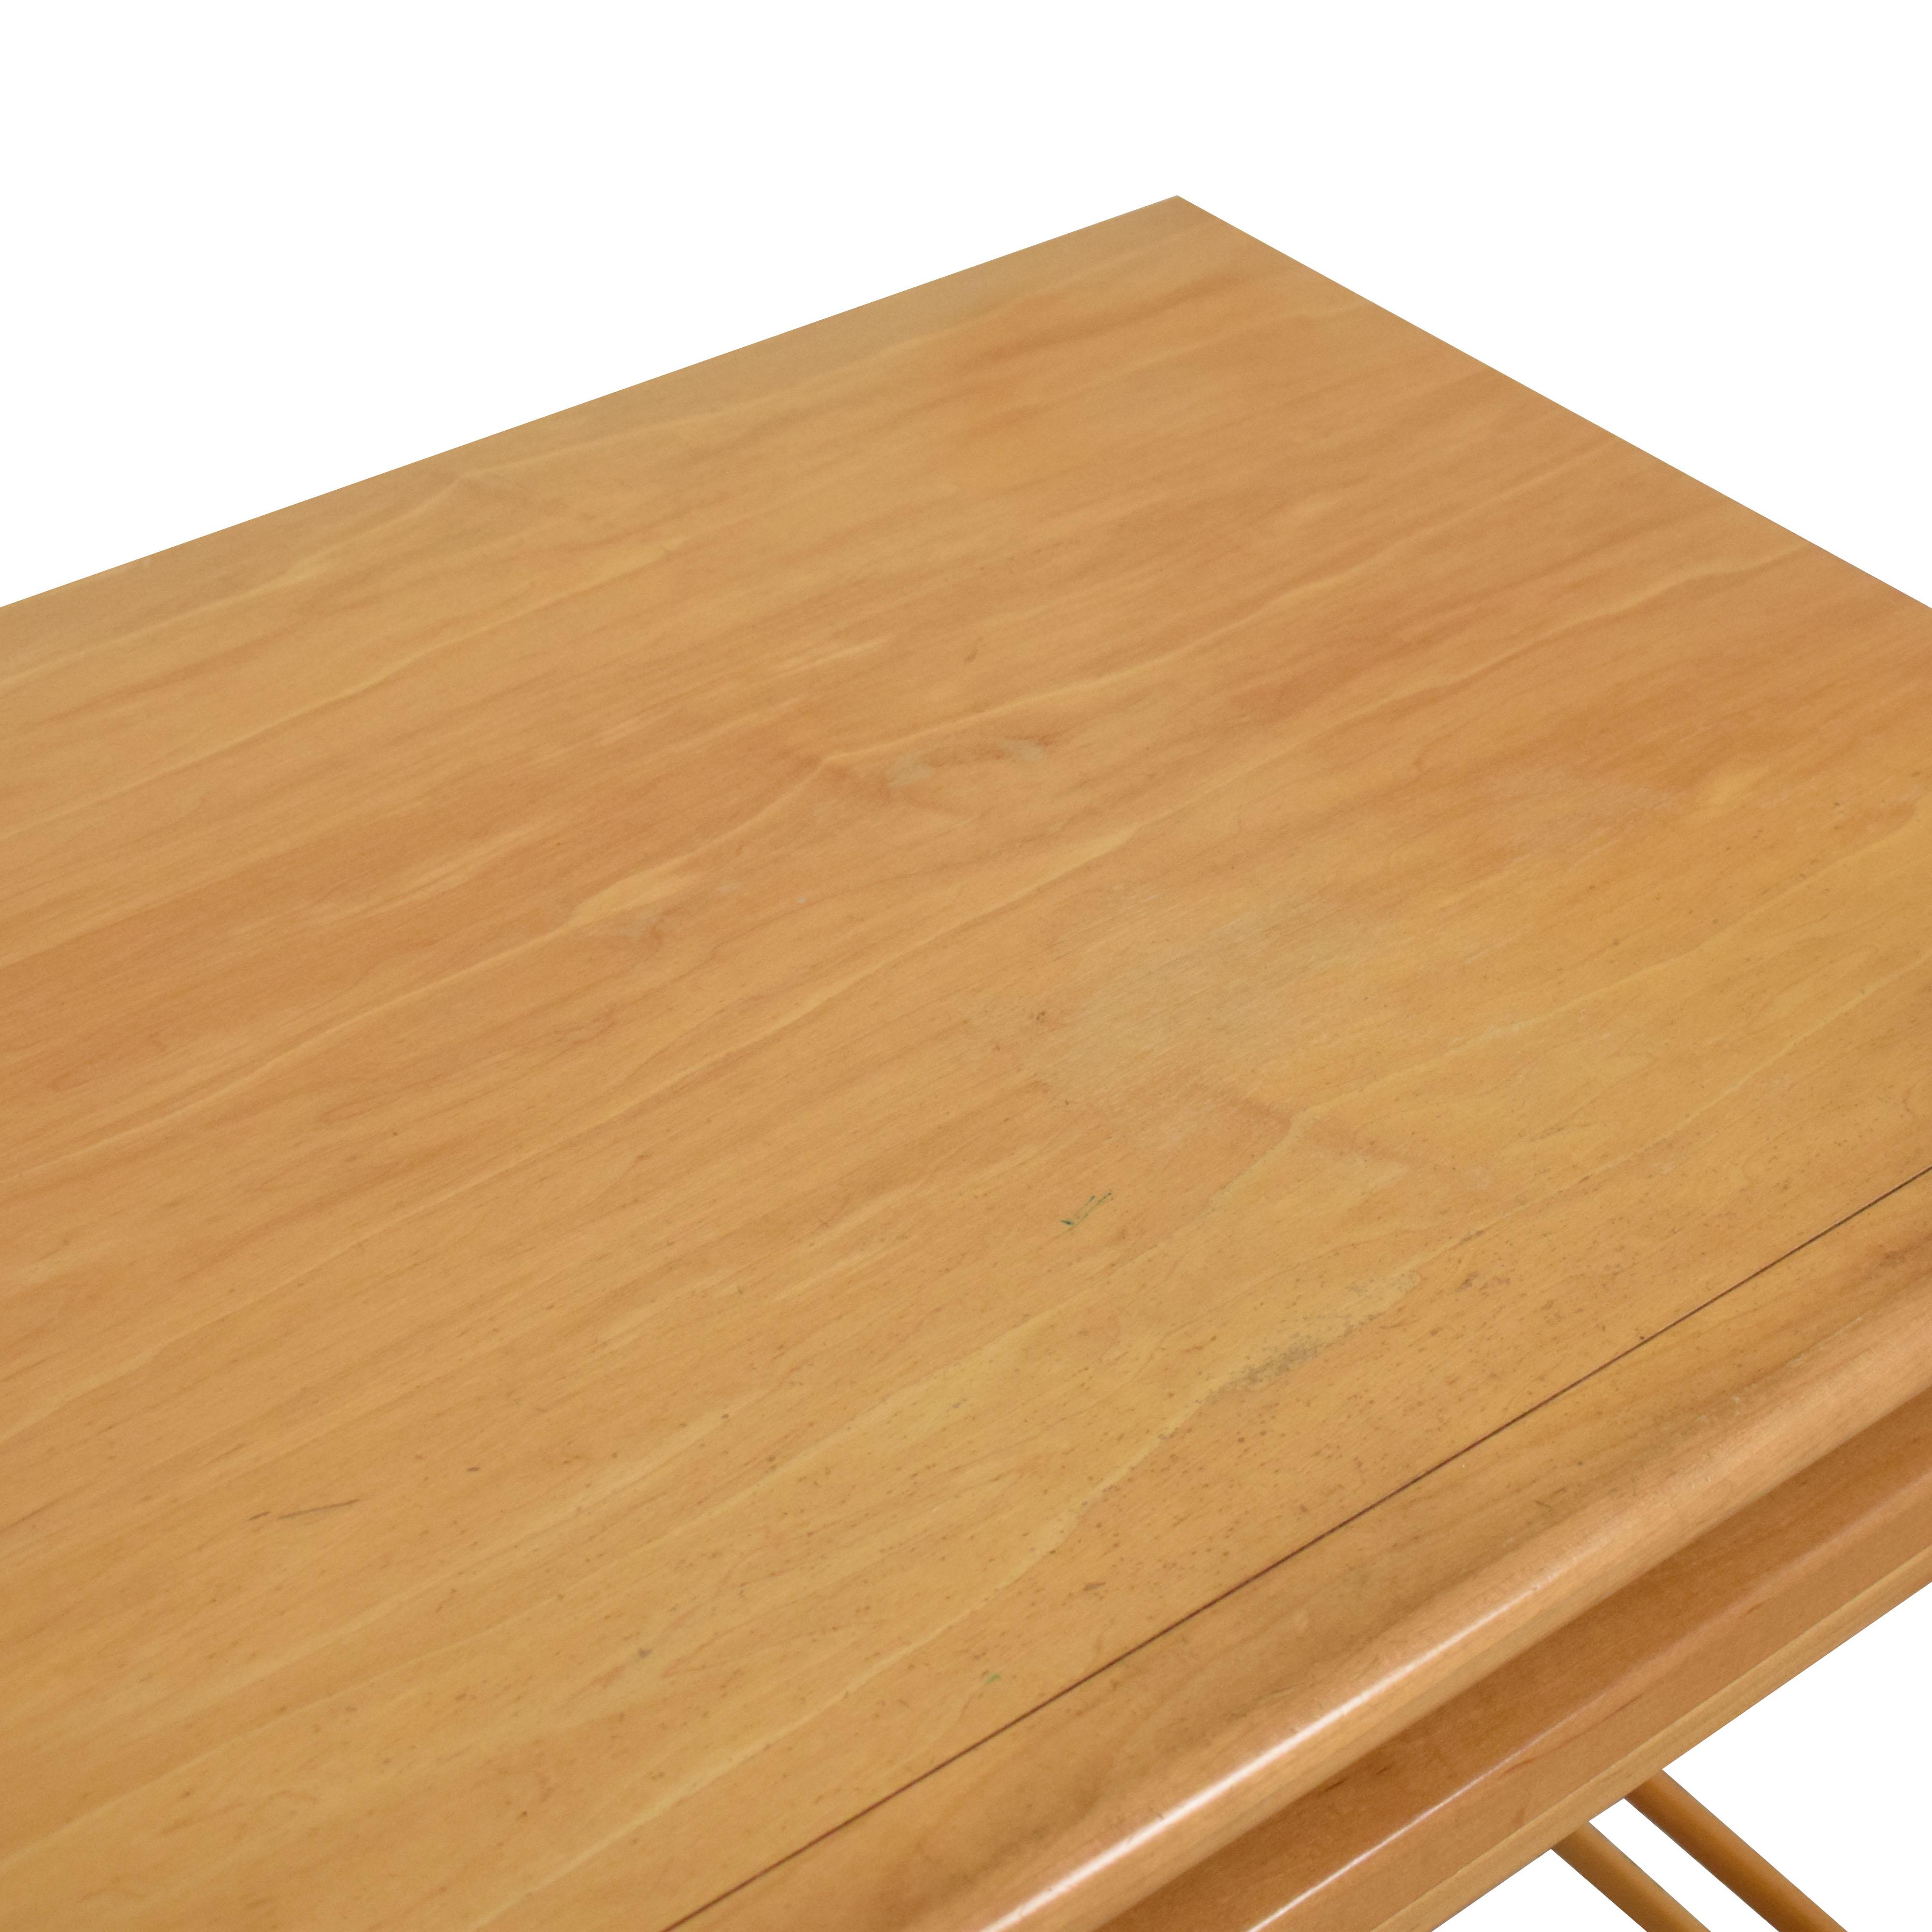 Stanley Furniture Stanley Furniture Desk on sale